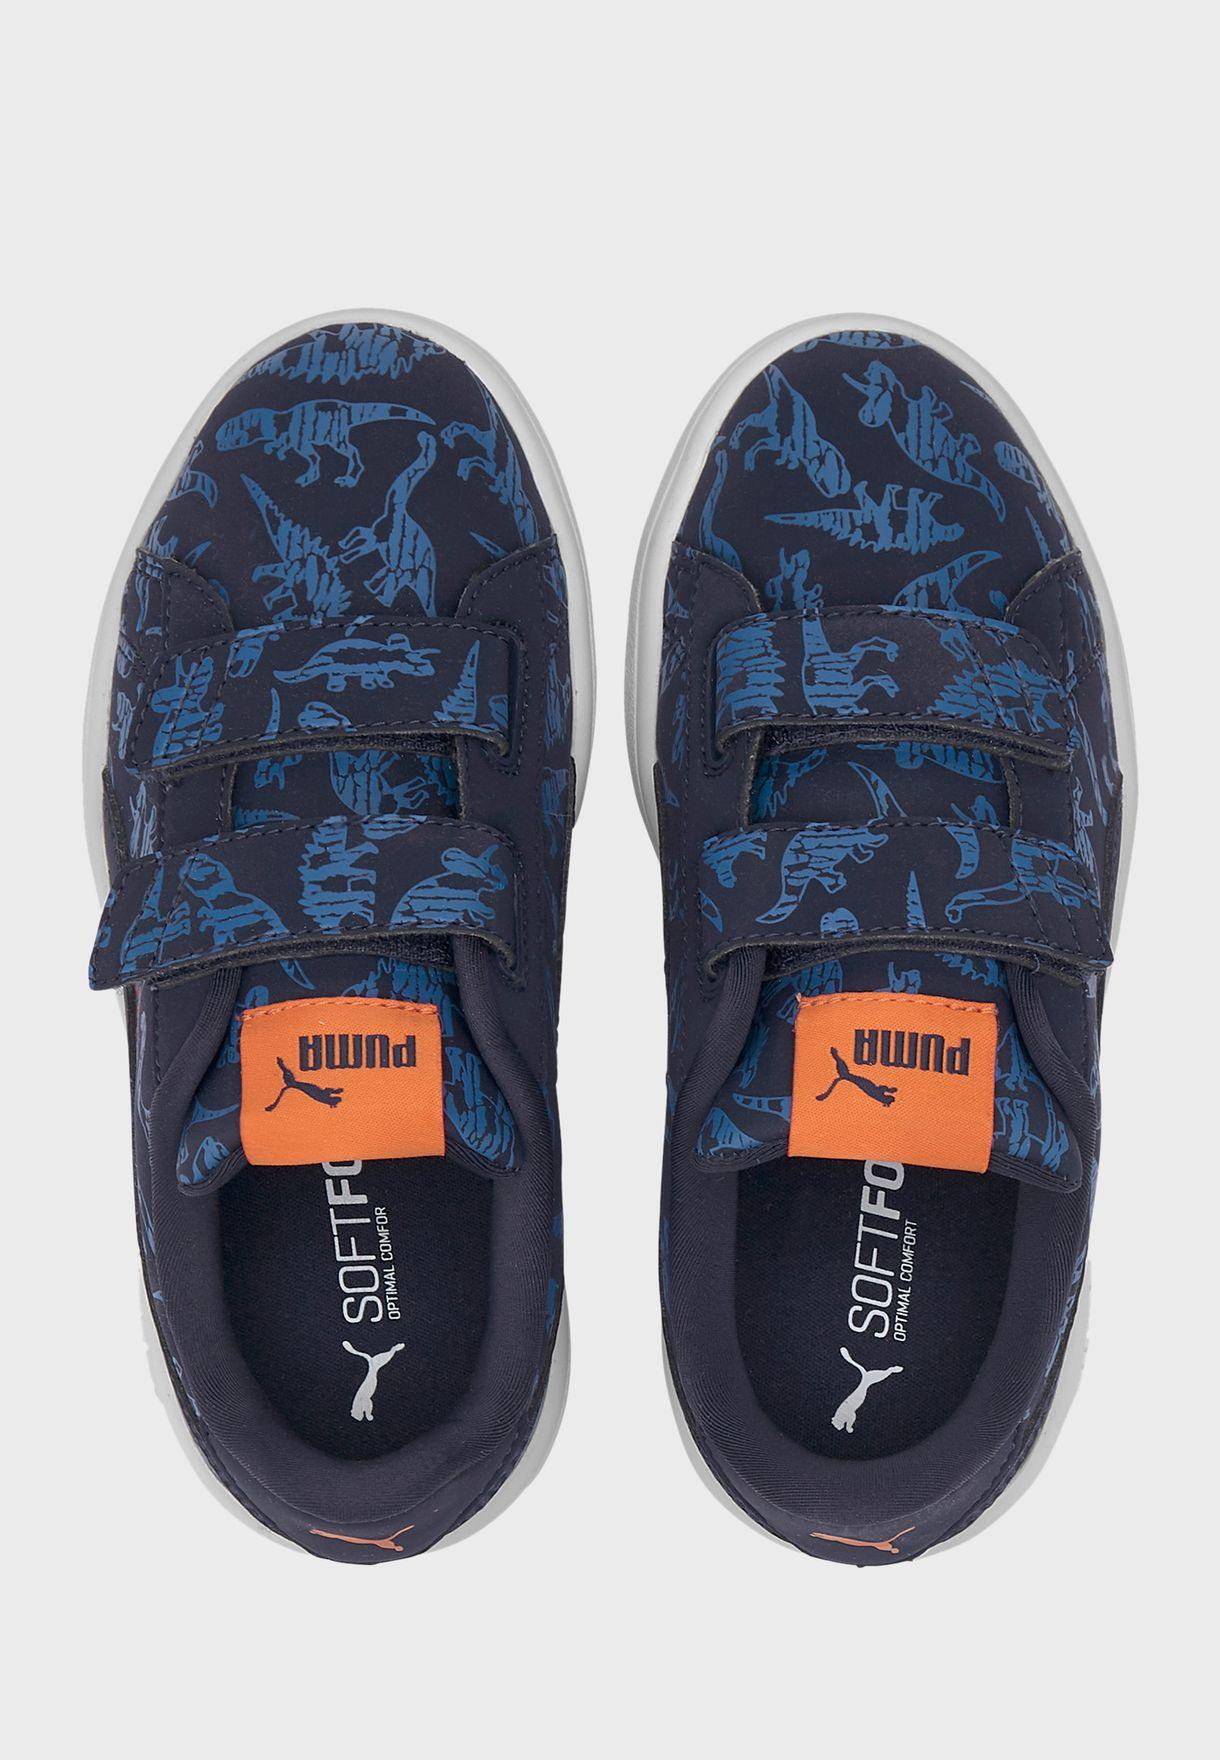 حذاء سماش في 2 اركيو في